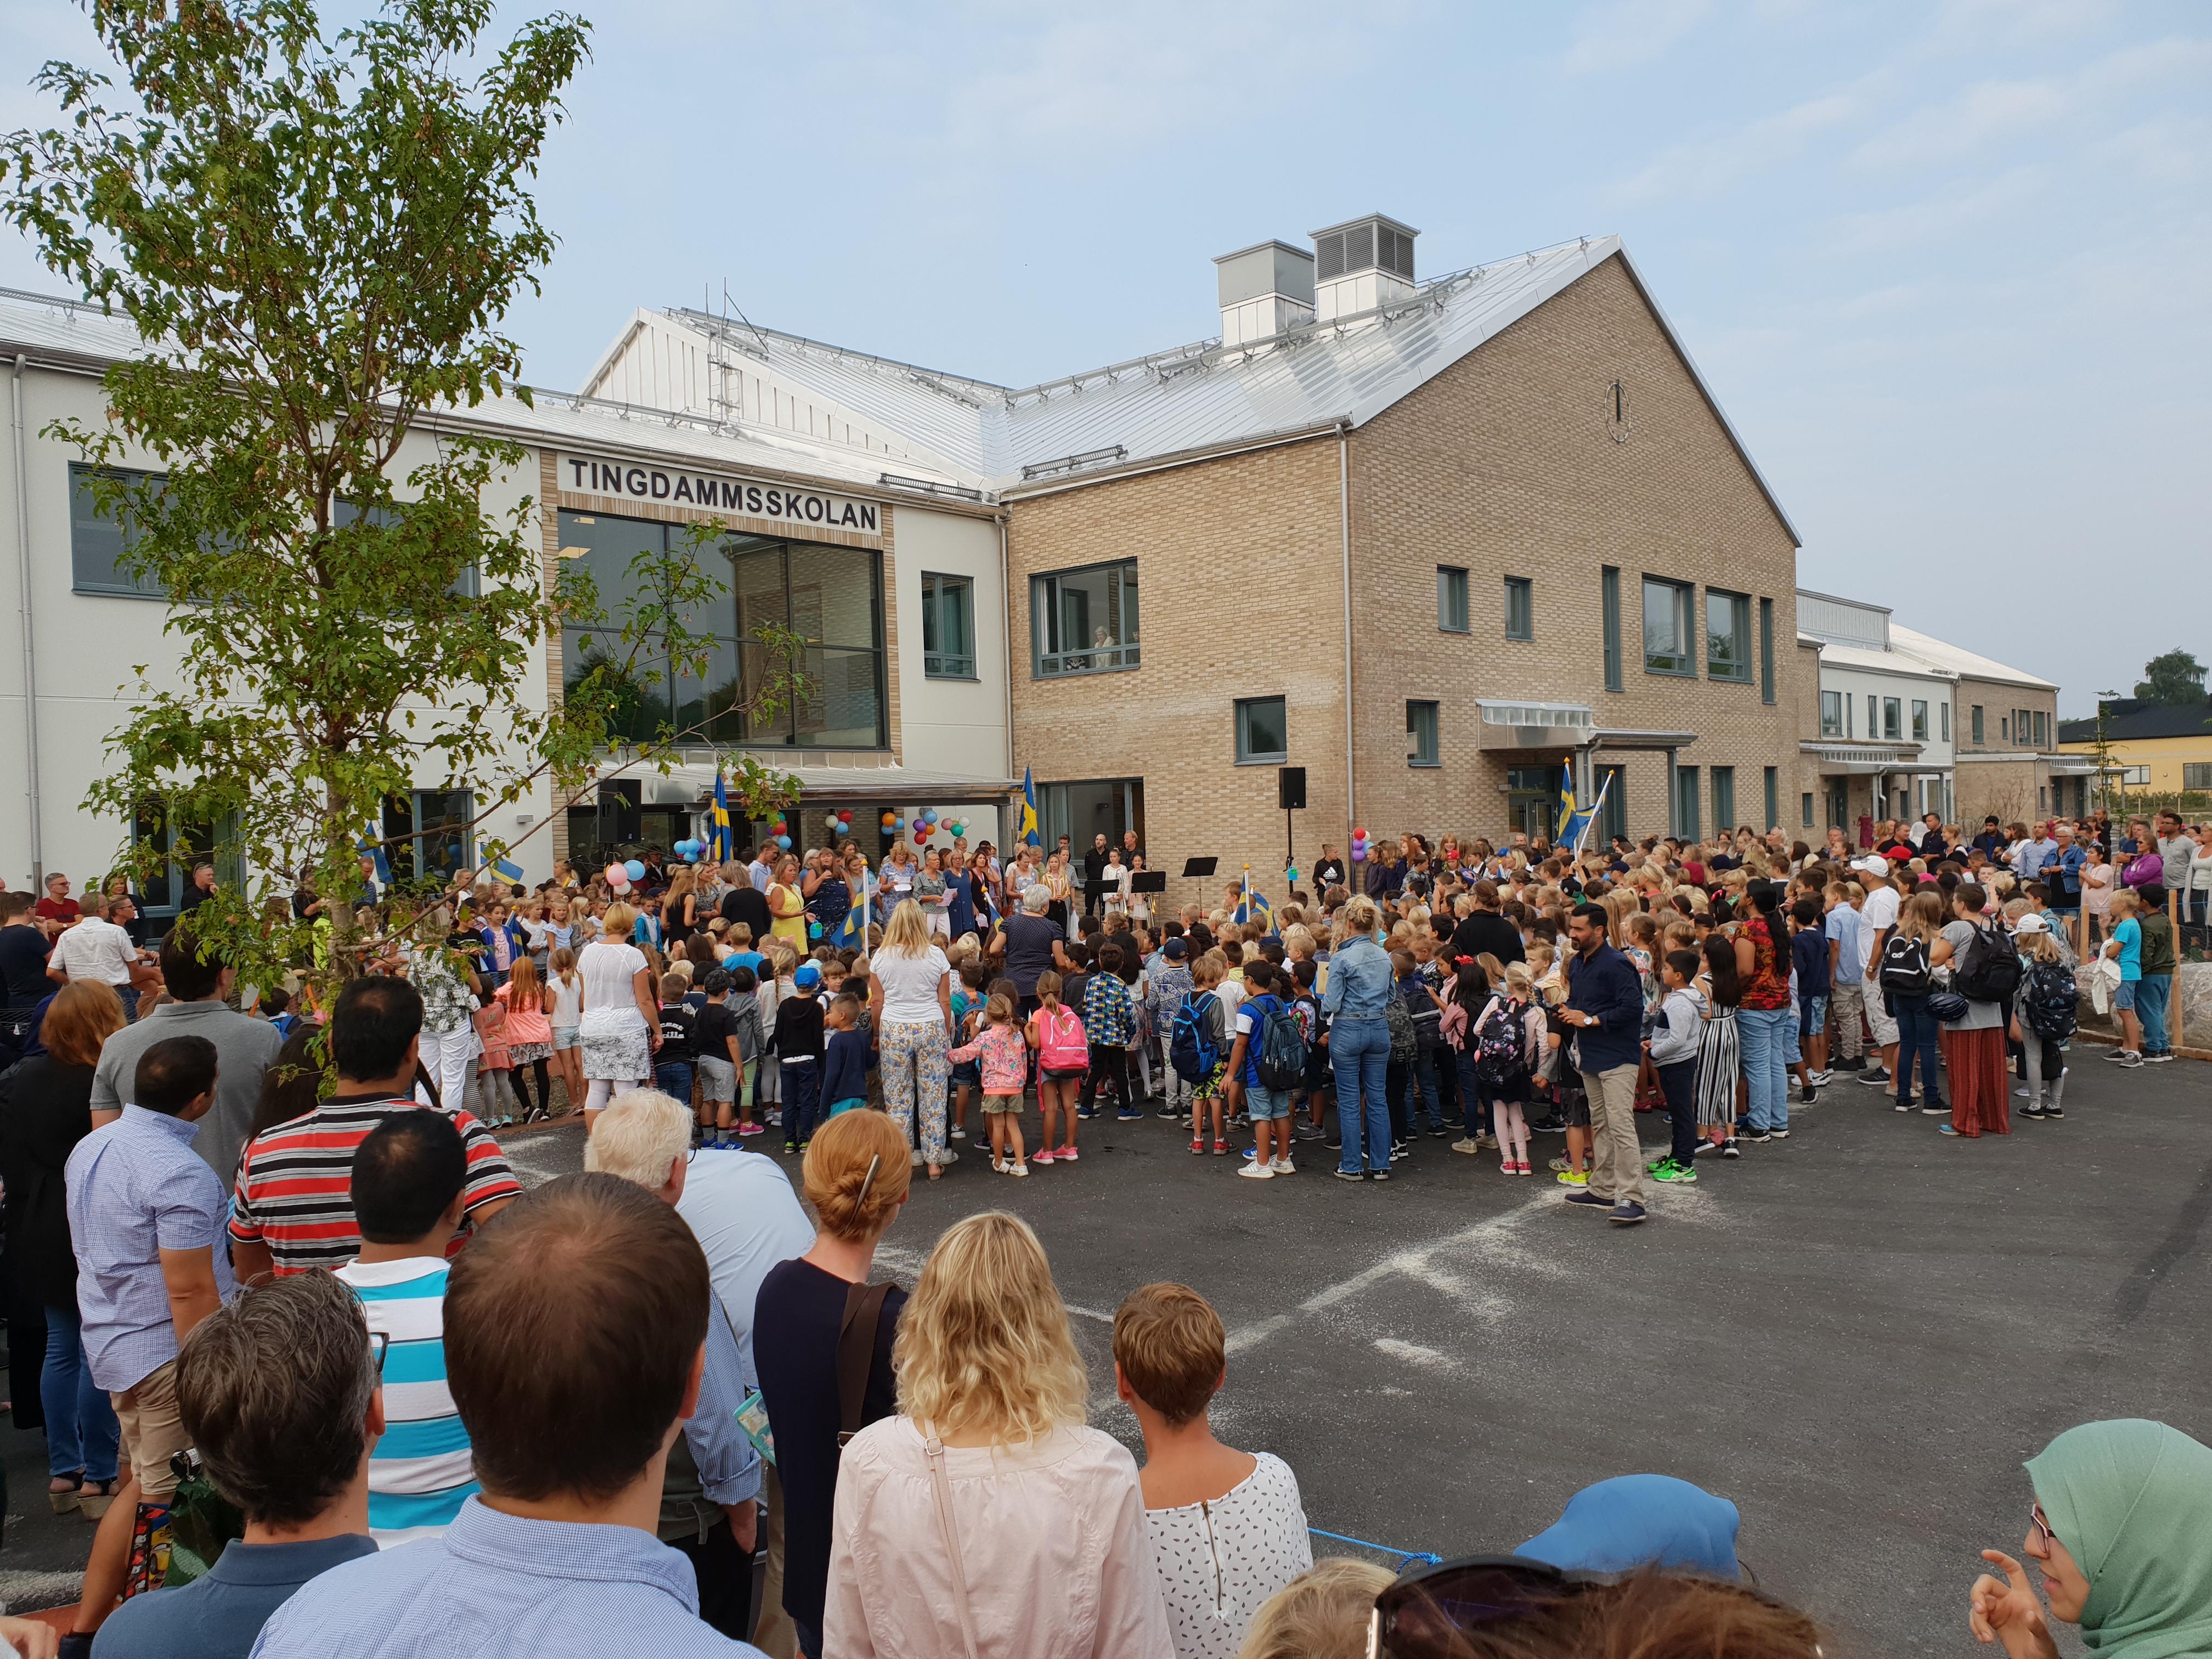 Invigning av Tingdammskolan